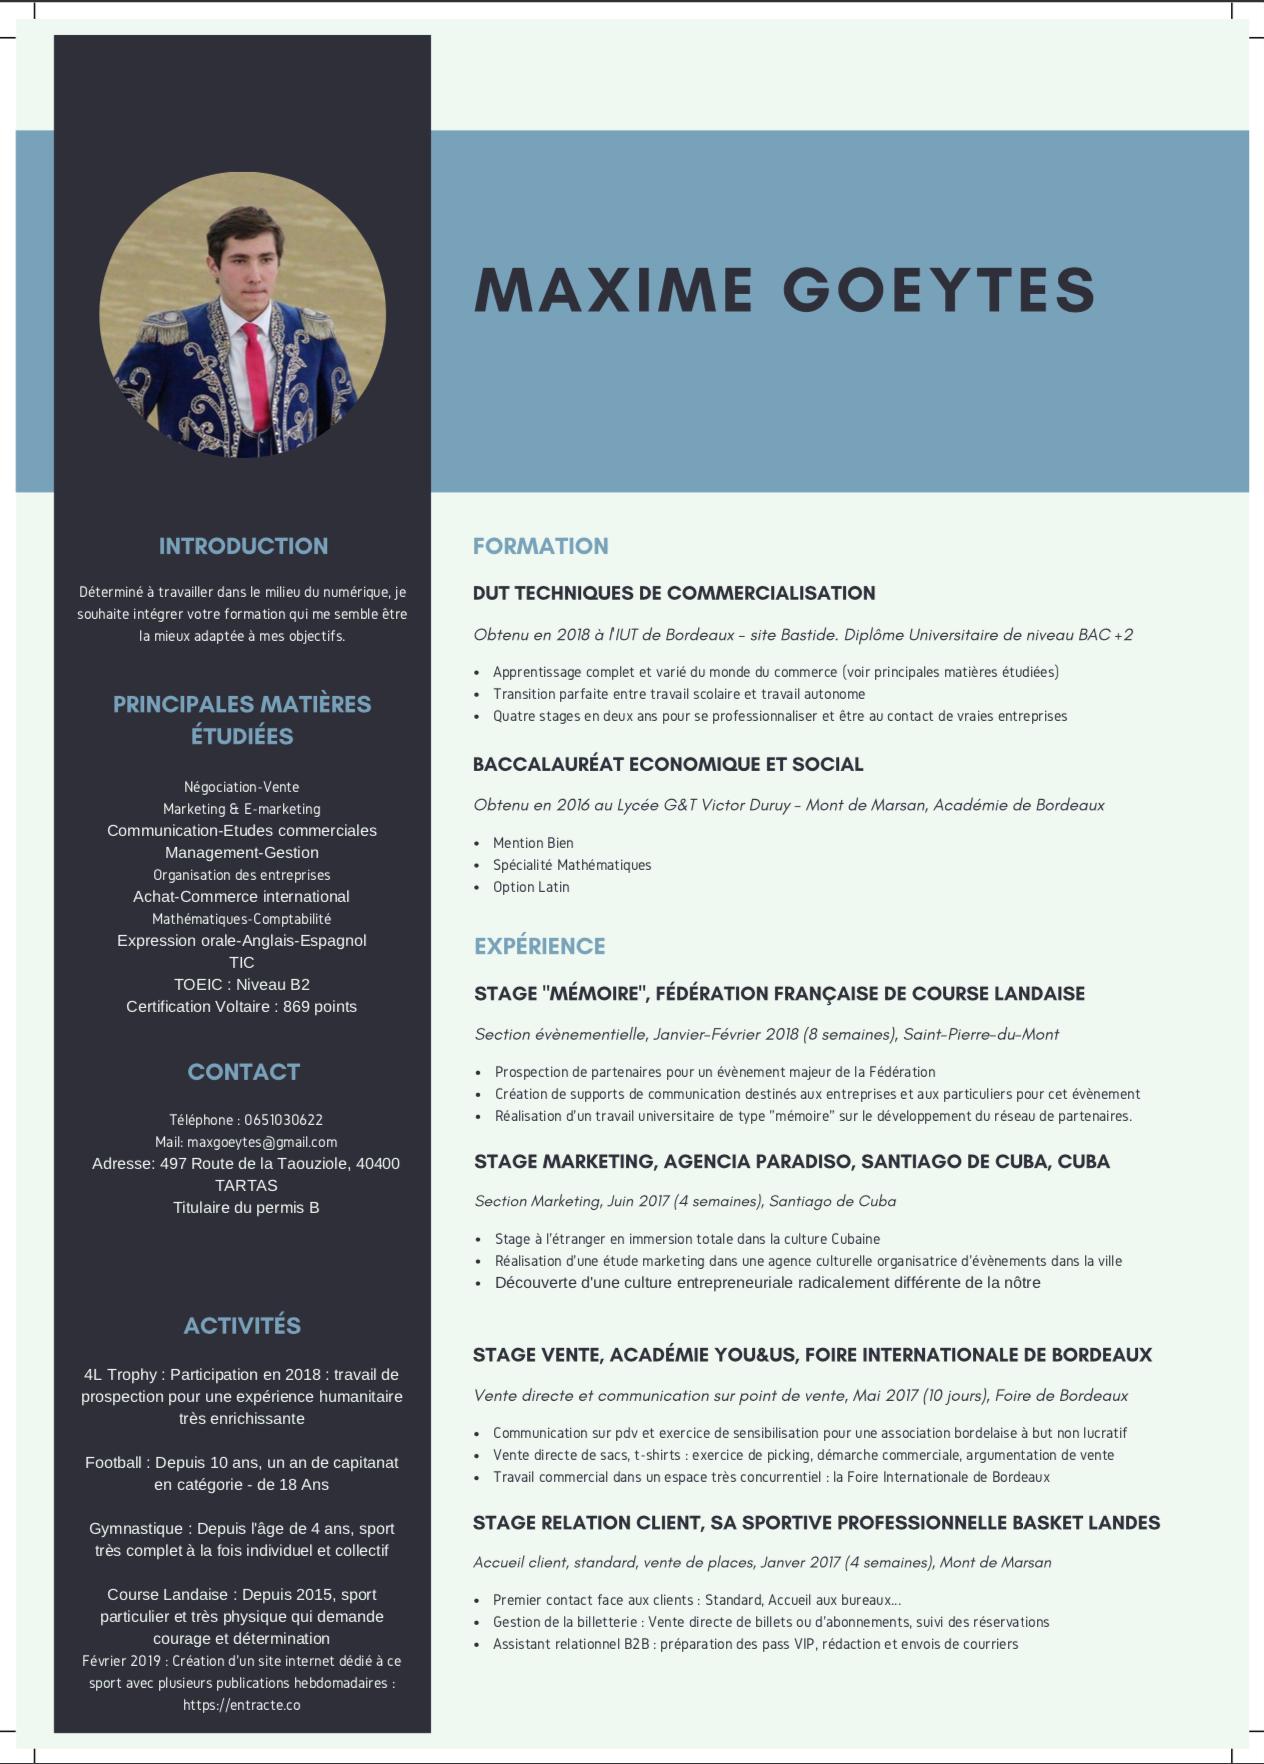 CV, Goeytes Maxime